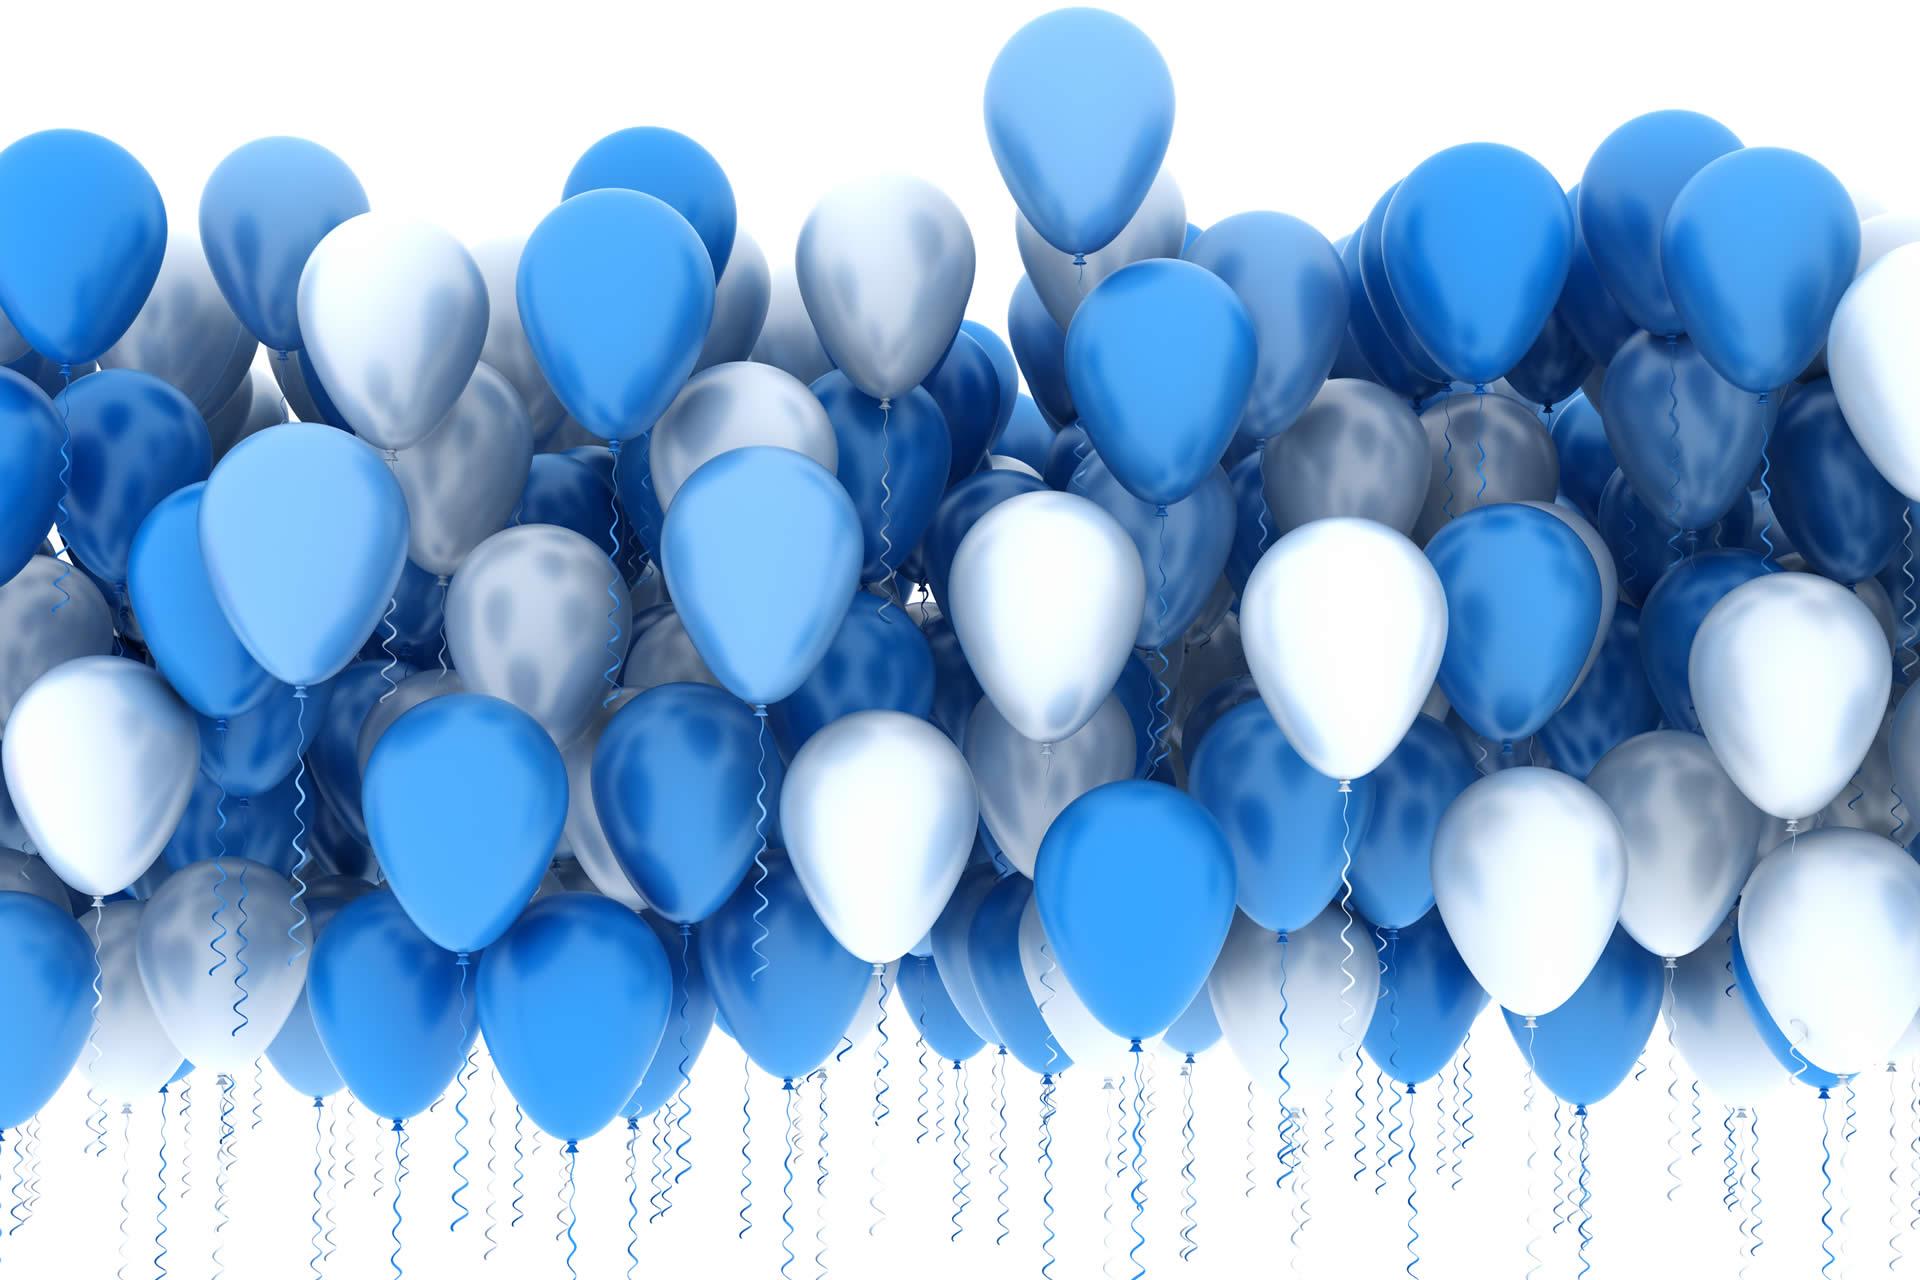 праздник поздравление с шарами шар голубой омлет очень